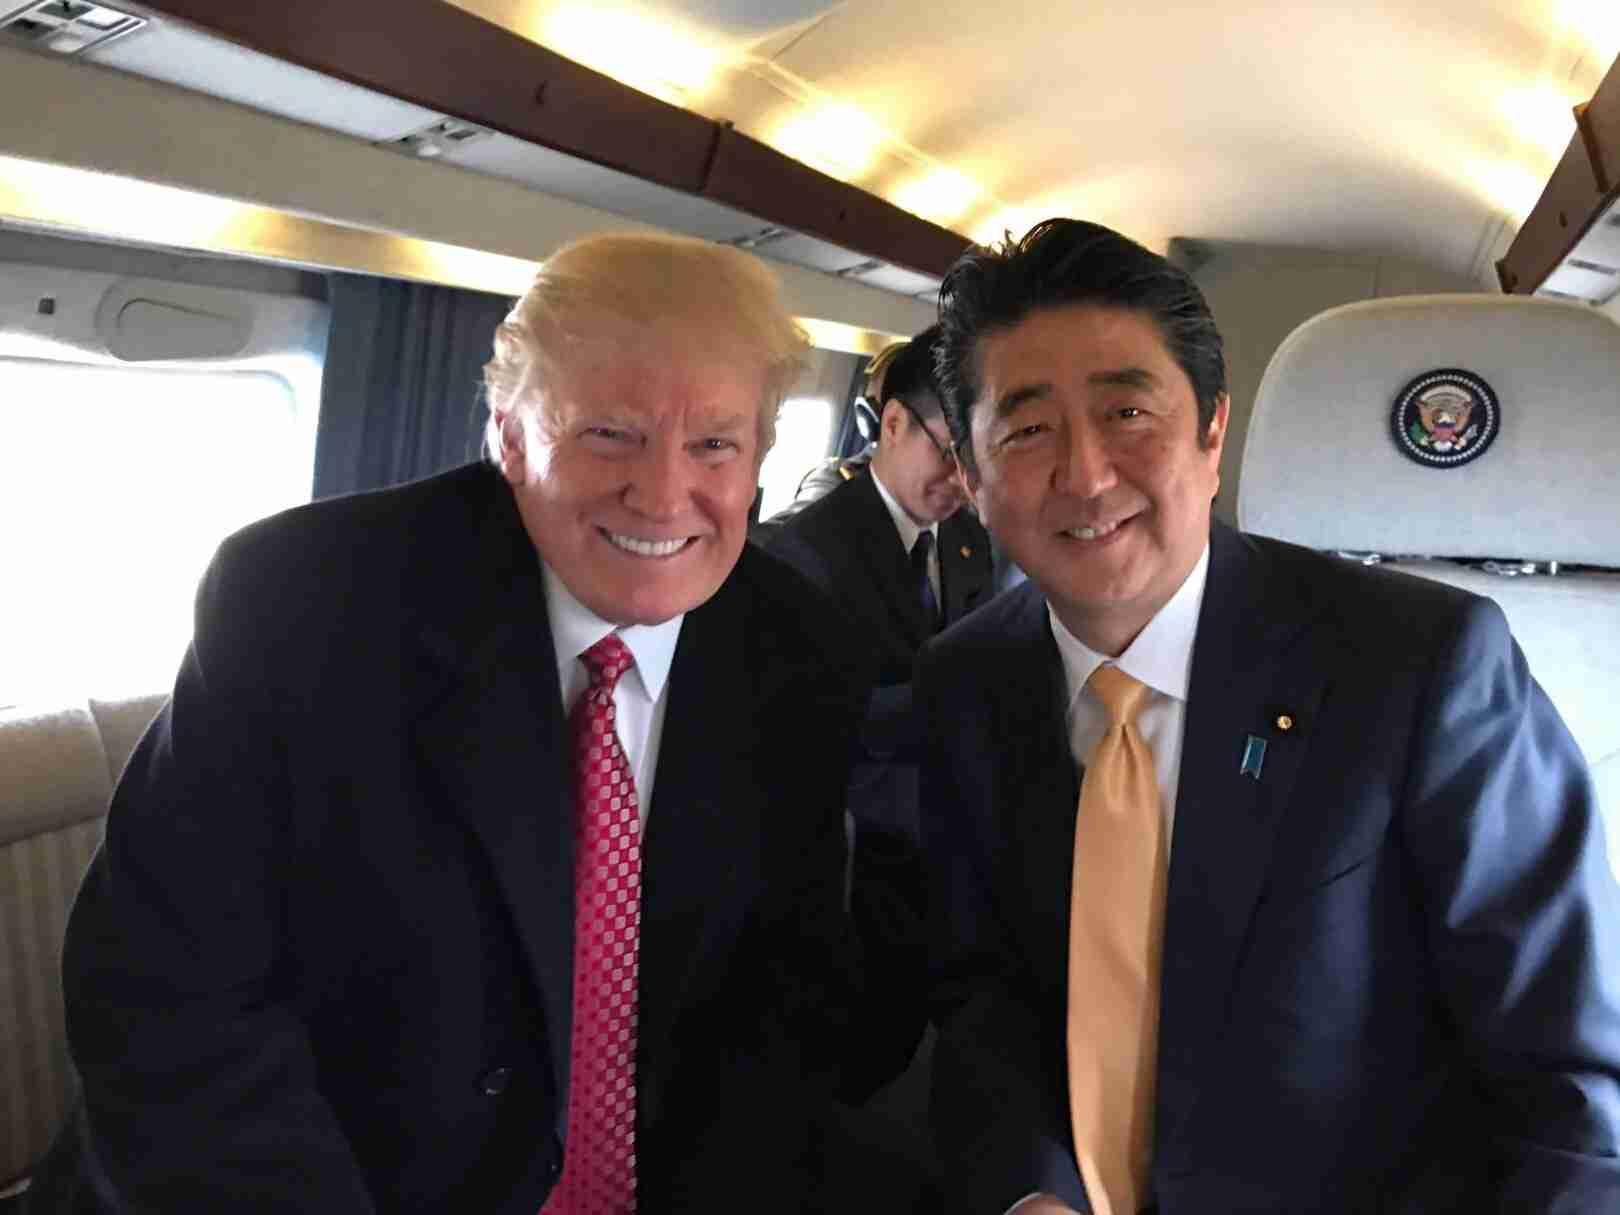 【日米首脳会談】メラニア夫人は「伝統を破った」安倍昭恵首相夫人に同行せず…「トランプ流」デビュー